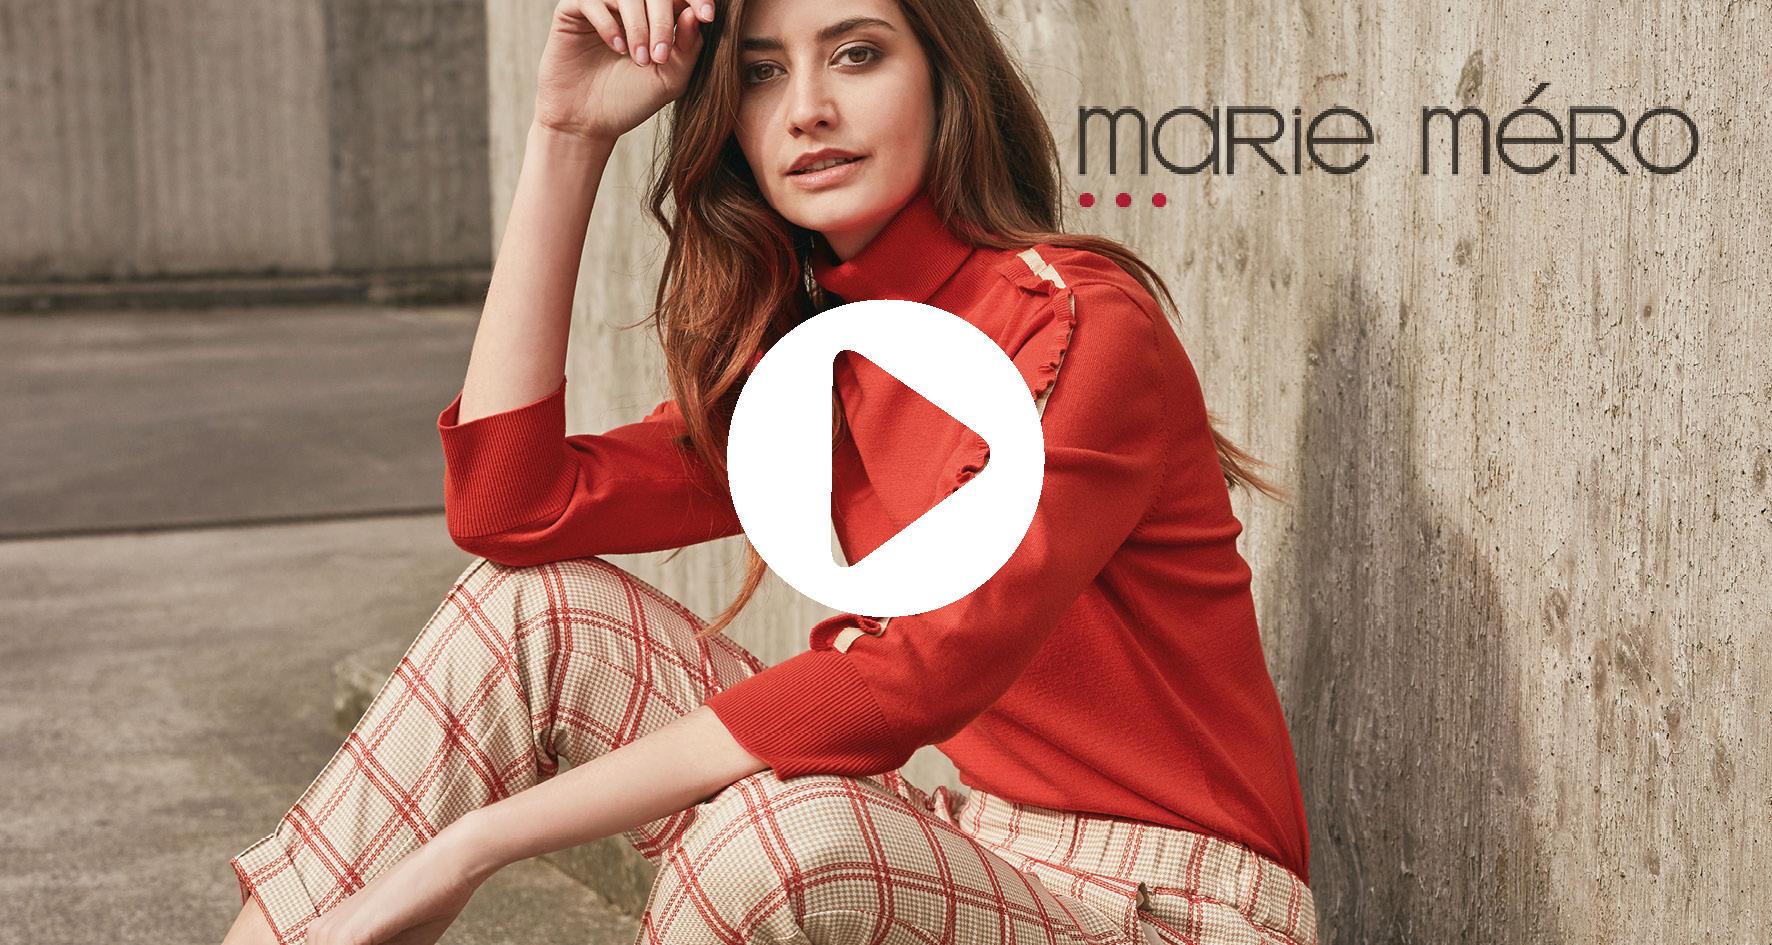 Marie Mero